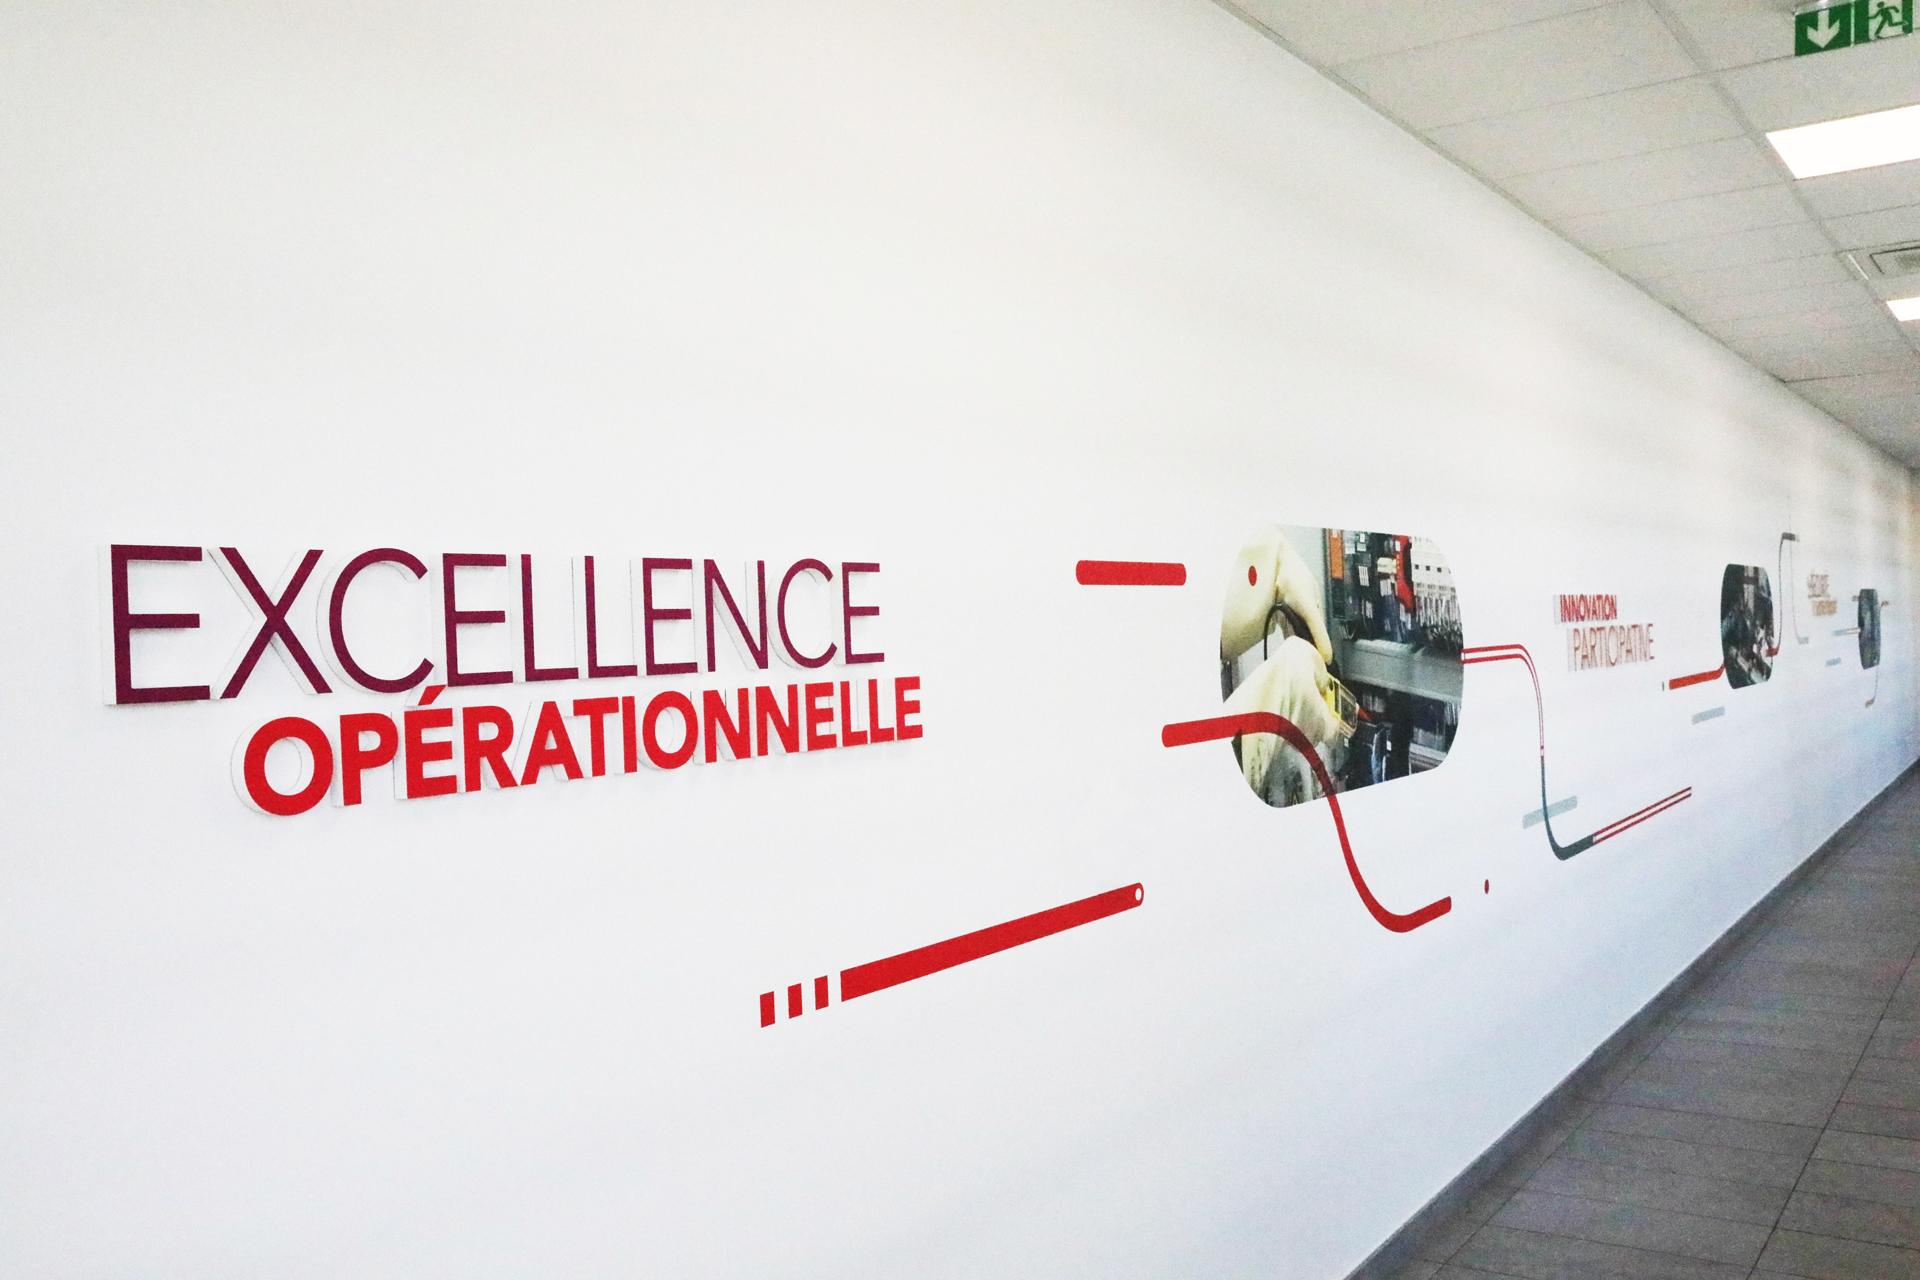 Fresque Excellence Opérationnelle dans le Technicentre Industriel